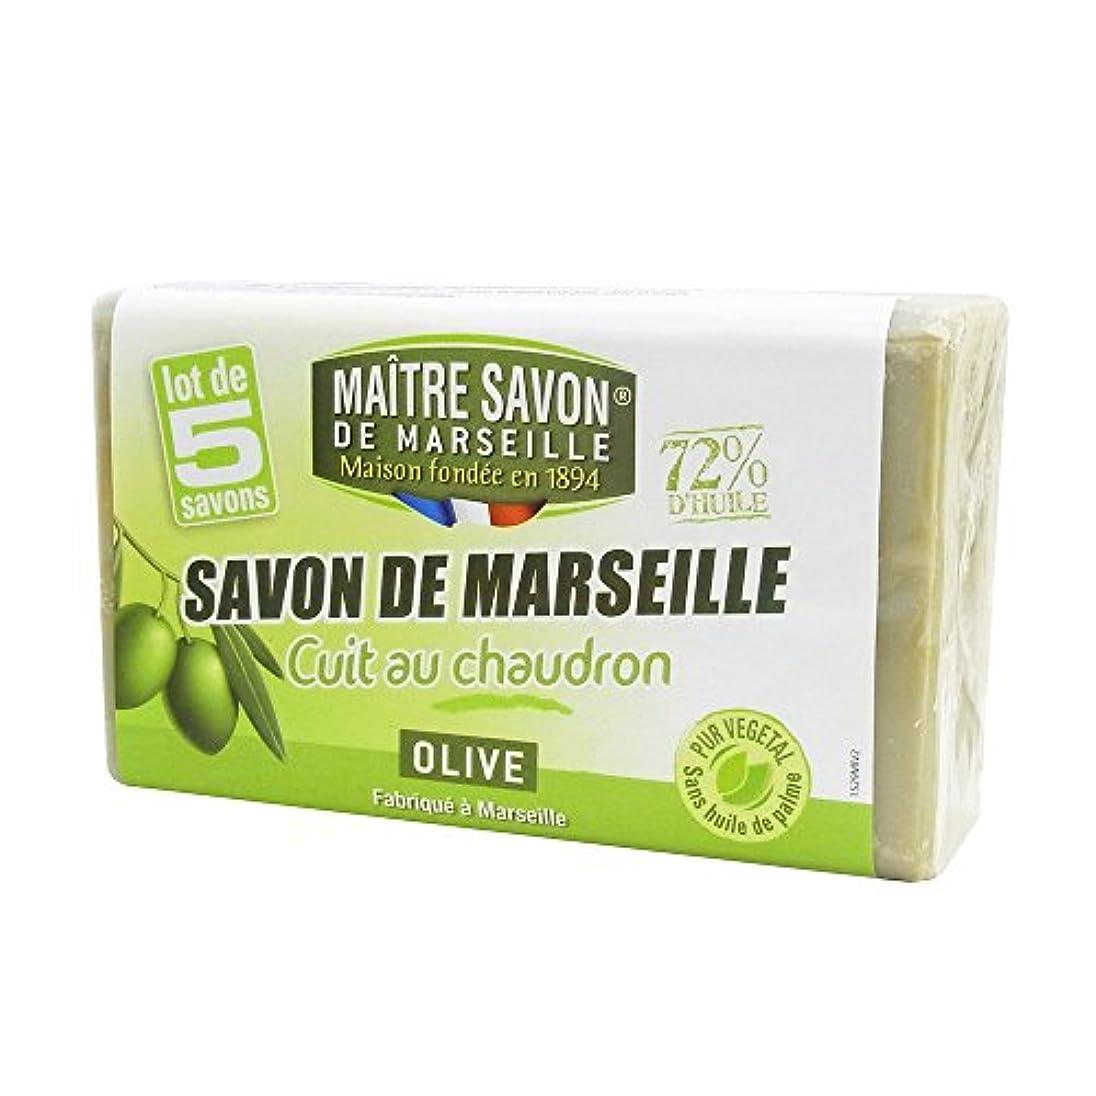 聡明論理的ドラッグMaitre Savon de Marseille(メートル?サボン?ド?マルセイユ) サボン?ド?マルセイユ オリーブ 100g×5個